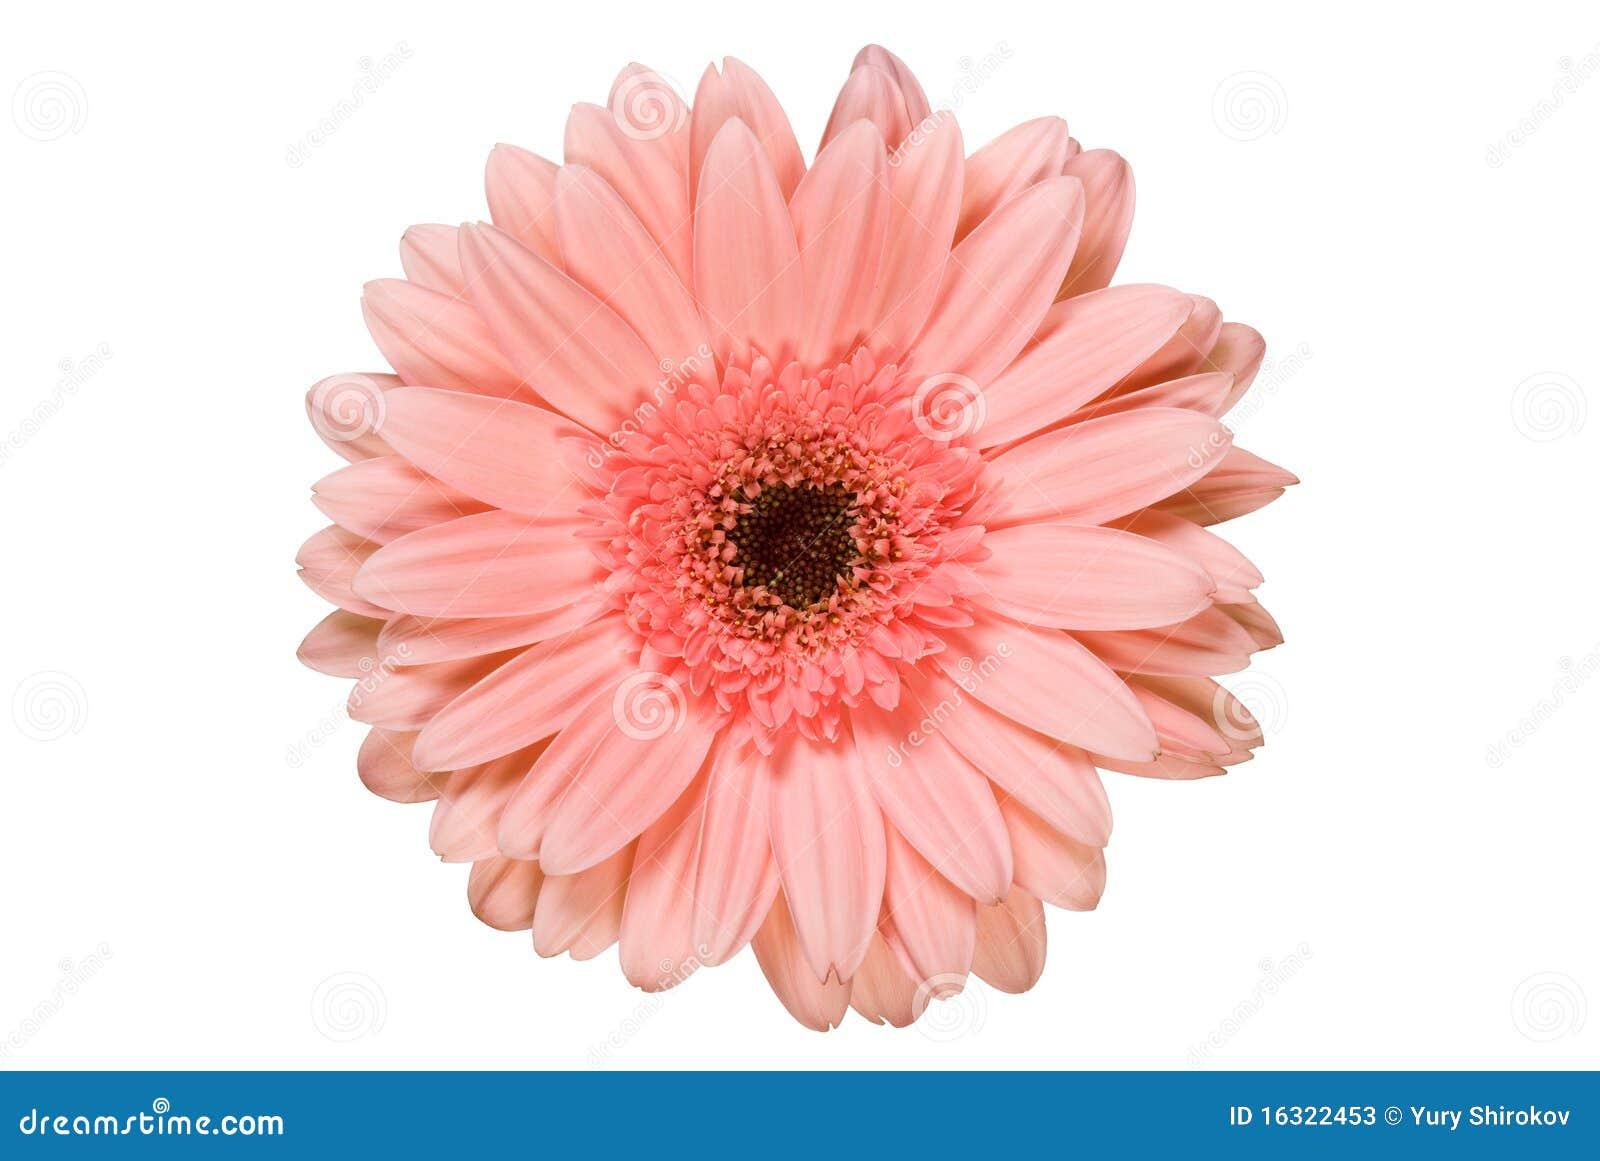 pink gerbera flower stock image image of floral gerbera. Black Bedroom Furniture Sets. Home Design Ideas